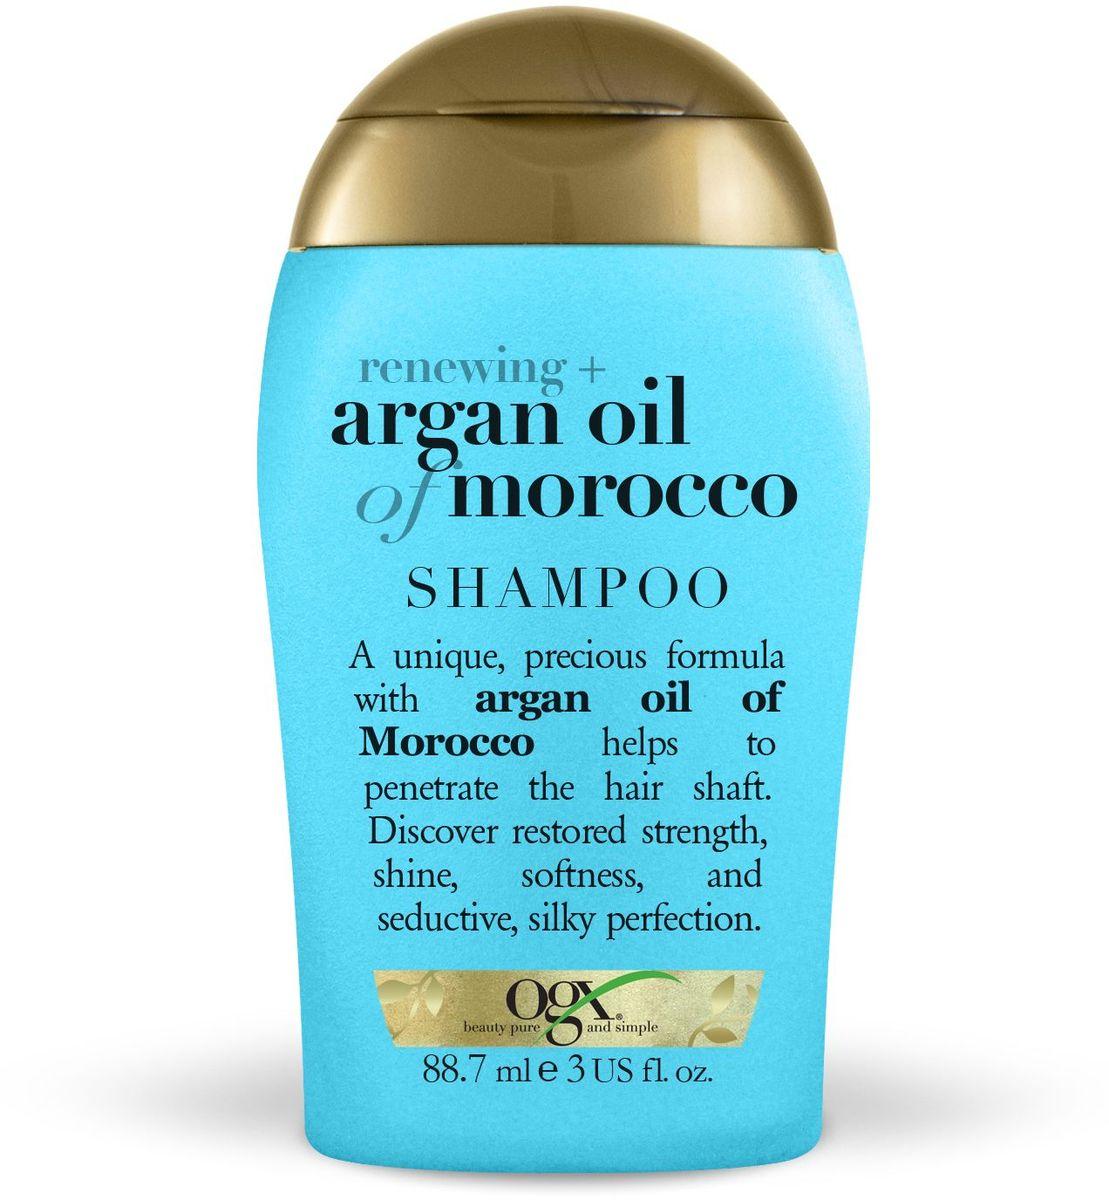 OGX Мини шампунь для восстановления волос с аргановым маслом, 89 мл.97311Шампунь для восстановления волос с аргановым маслом, обогащенный антиоксидантами, способствует обновлению клеточной структуры волос, придает сияния и мягкость.